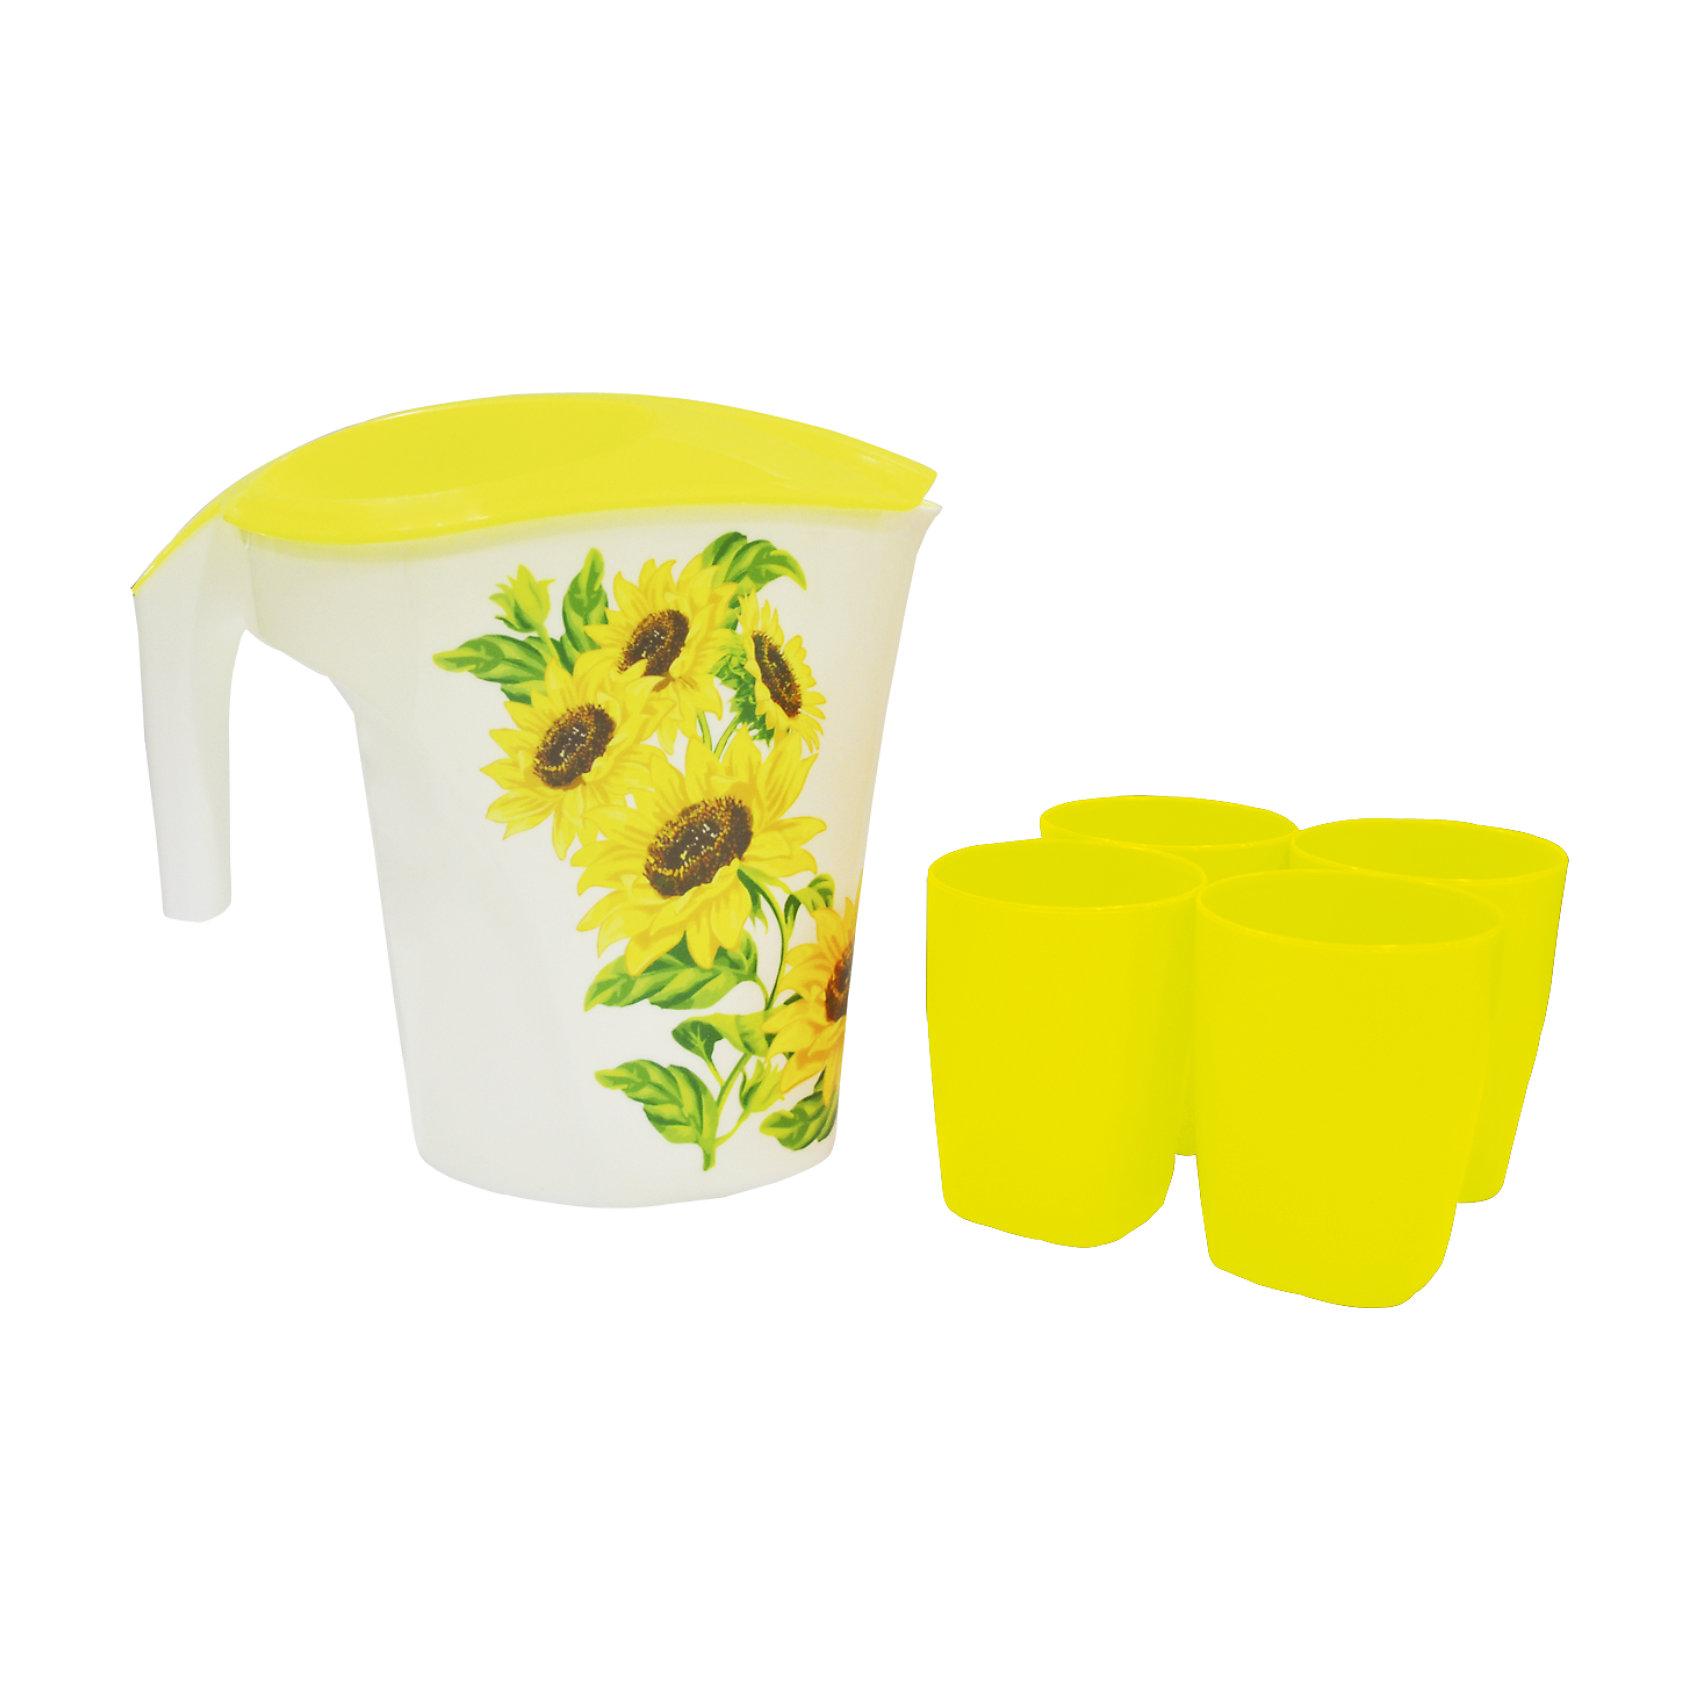 Кувшин Подсолнухи 3 л и 4 стакана, Plastic CentreПосуда<br>Кувшин Подсолнухи 3 л и 4 стакана, Plastic Centre<br><br>Характеристики:<br><br>• Материал: пластик<br>• Цвет: желтый<br>• В комплекте: 1 кувшин, 4 стакана<br>• Объем: 3 литра<br><br>Кувшин подойдет для хранения соков или воды. Крепкая и очень удобная ручка делает процесс наливания воды доступным даже для детей. Красивый дизайн кувшина, форма и его цвет позволят ему вписаться в любой интерьер. Сделан кувшин из прочного пластика, которые не выделяет вредных веществ и не отражается на вкусе воды. Также в комплект входят 4 удобных стакана.<br><br>Кувшин Подсолнухи 3 л и 4 стакана, Plastic Centre можно купить в нашем интернет-магазине.<br><br>Ширина мм: 248<br>Глубина мм: 155<br>Высота мм: 235<br>Вес г: 285<br>Возраст от месяцев: 216<br>Возраст до месяцев: 1188<br>Пол: Унисекс<br>Возраст: Детский<br>SKU: 5545699